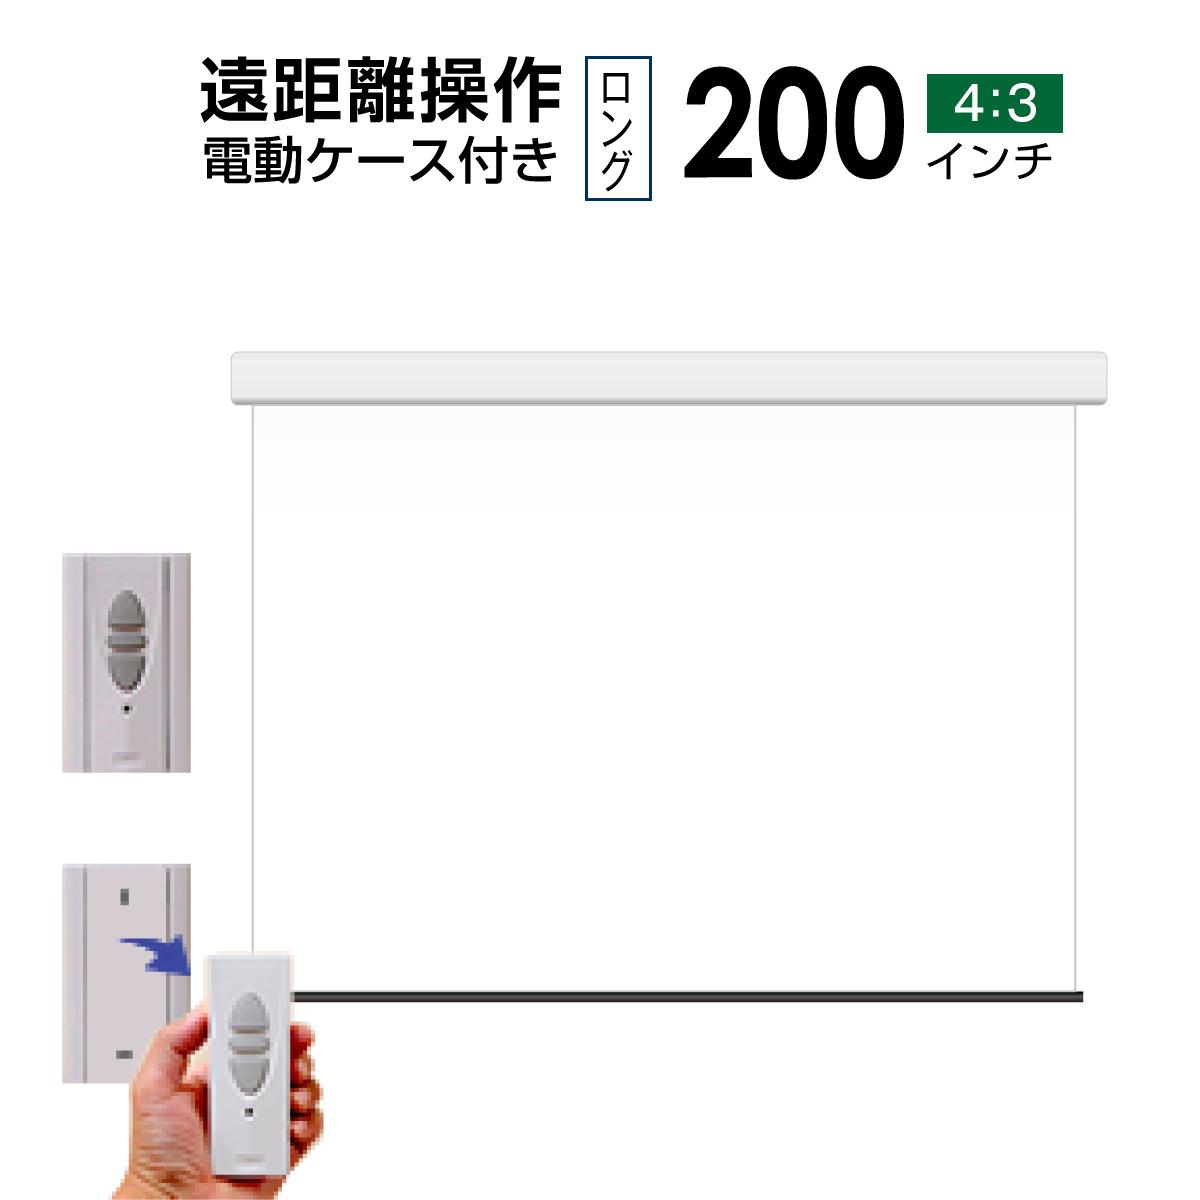 プロジェクタースクリーン 電動遠距離ケース付きタイプ200インチ(4:3) マスクフリー WCR4065FEH-H4000